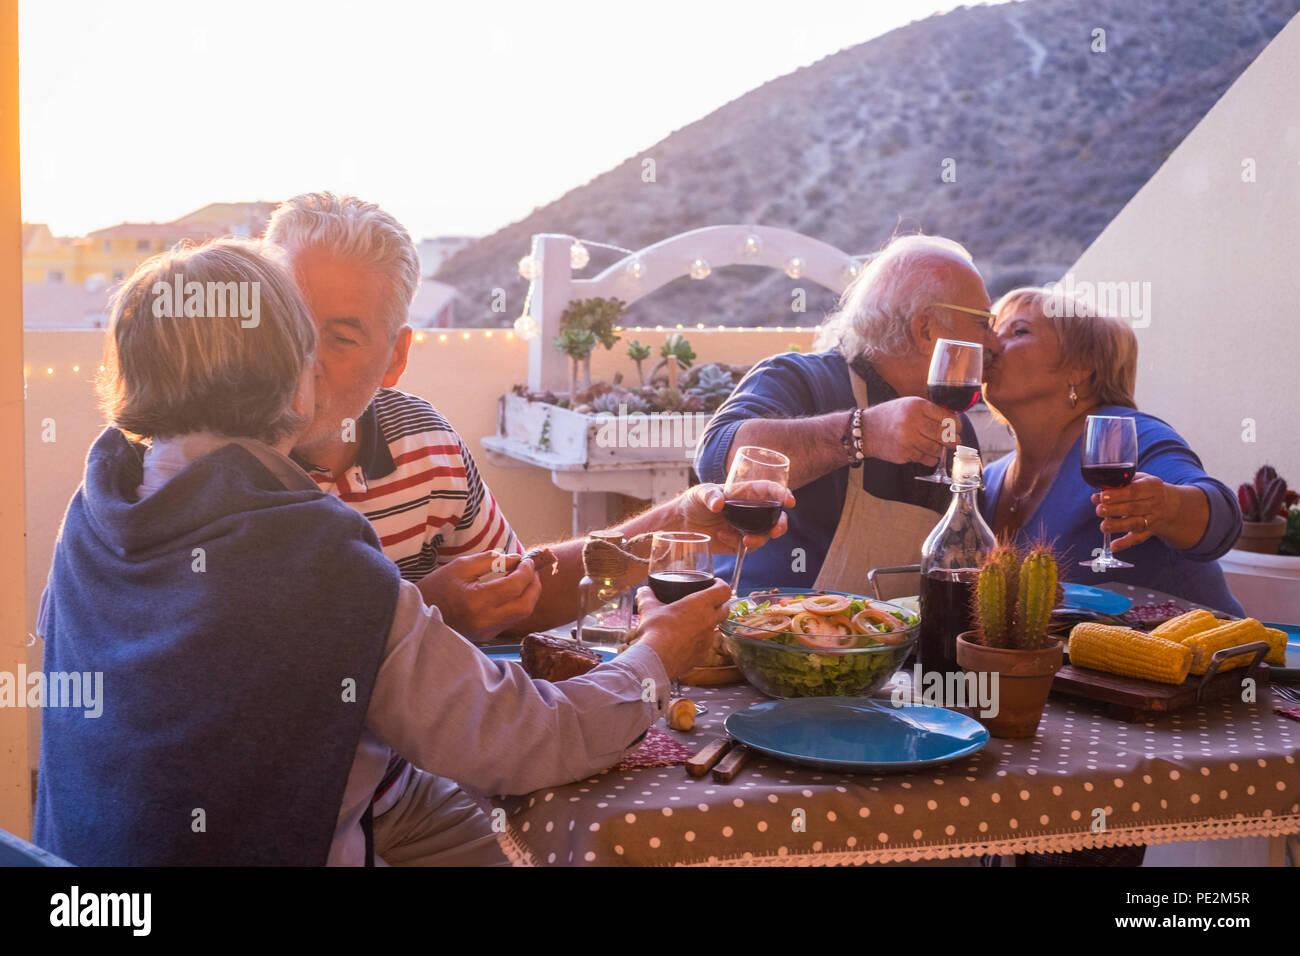 Bonito grupo de personas adultas del Cáucaso en la felicidad permanecer juntos para cenar al aire libre en la terraza. El amor y la amistad, concepto v con impresionantes vistas. Foto de stock